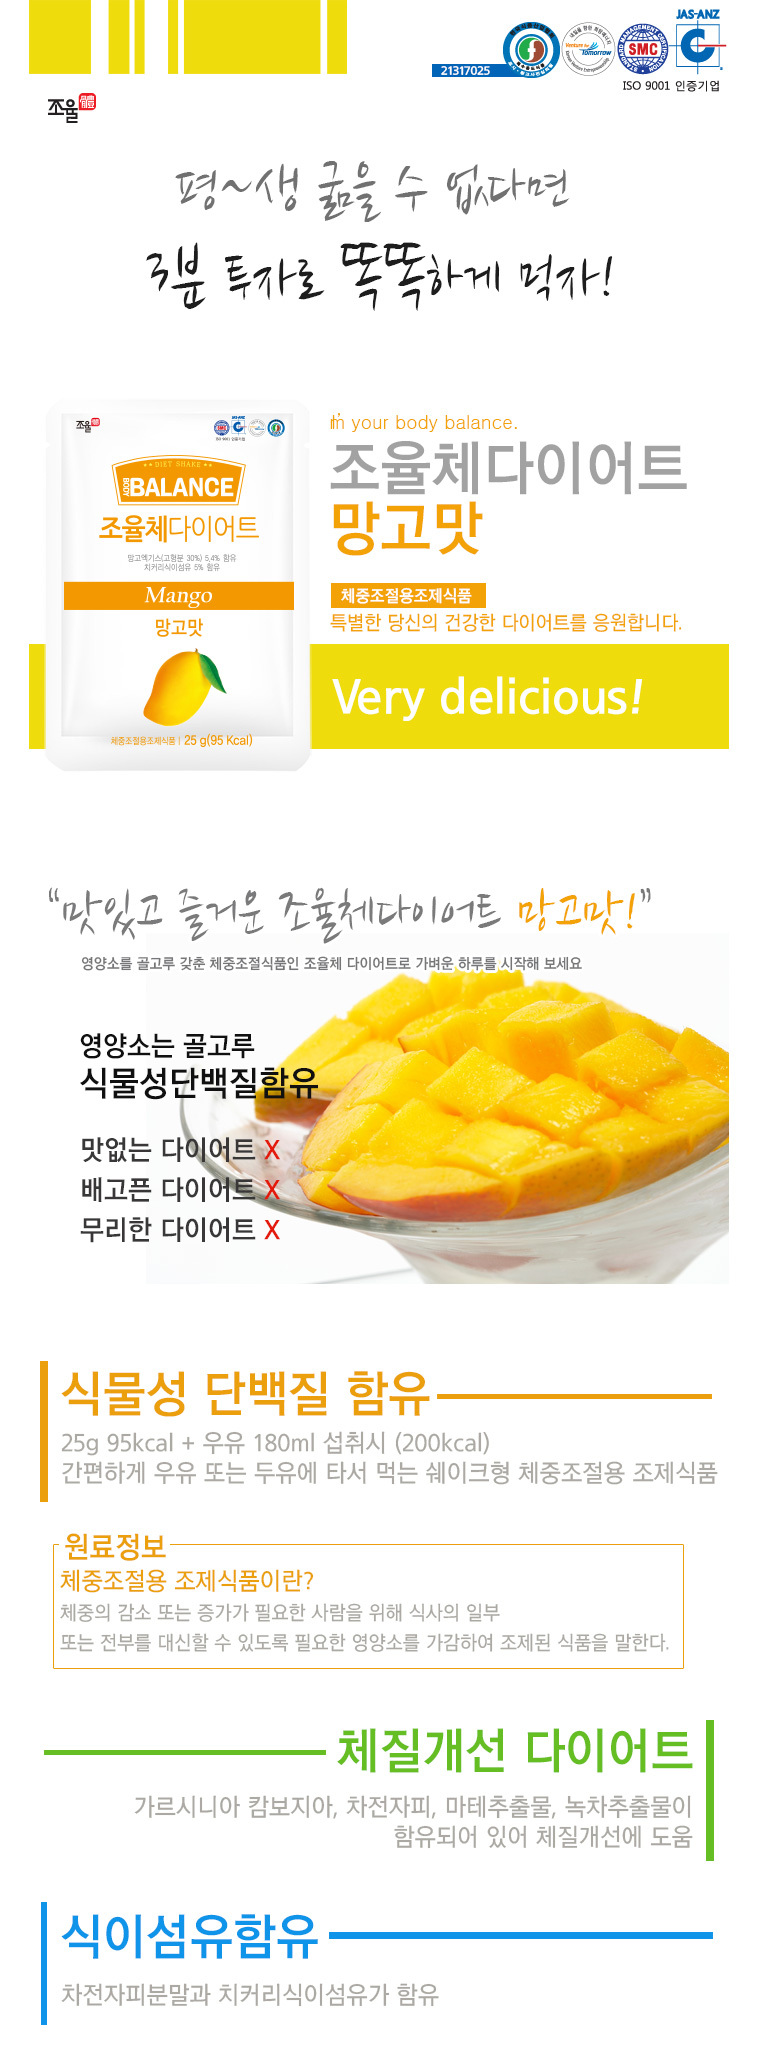 맛있는 다이어트 쉐이크 골라담기 - 상세정보